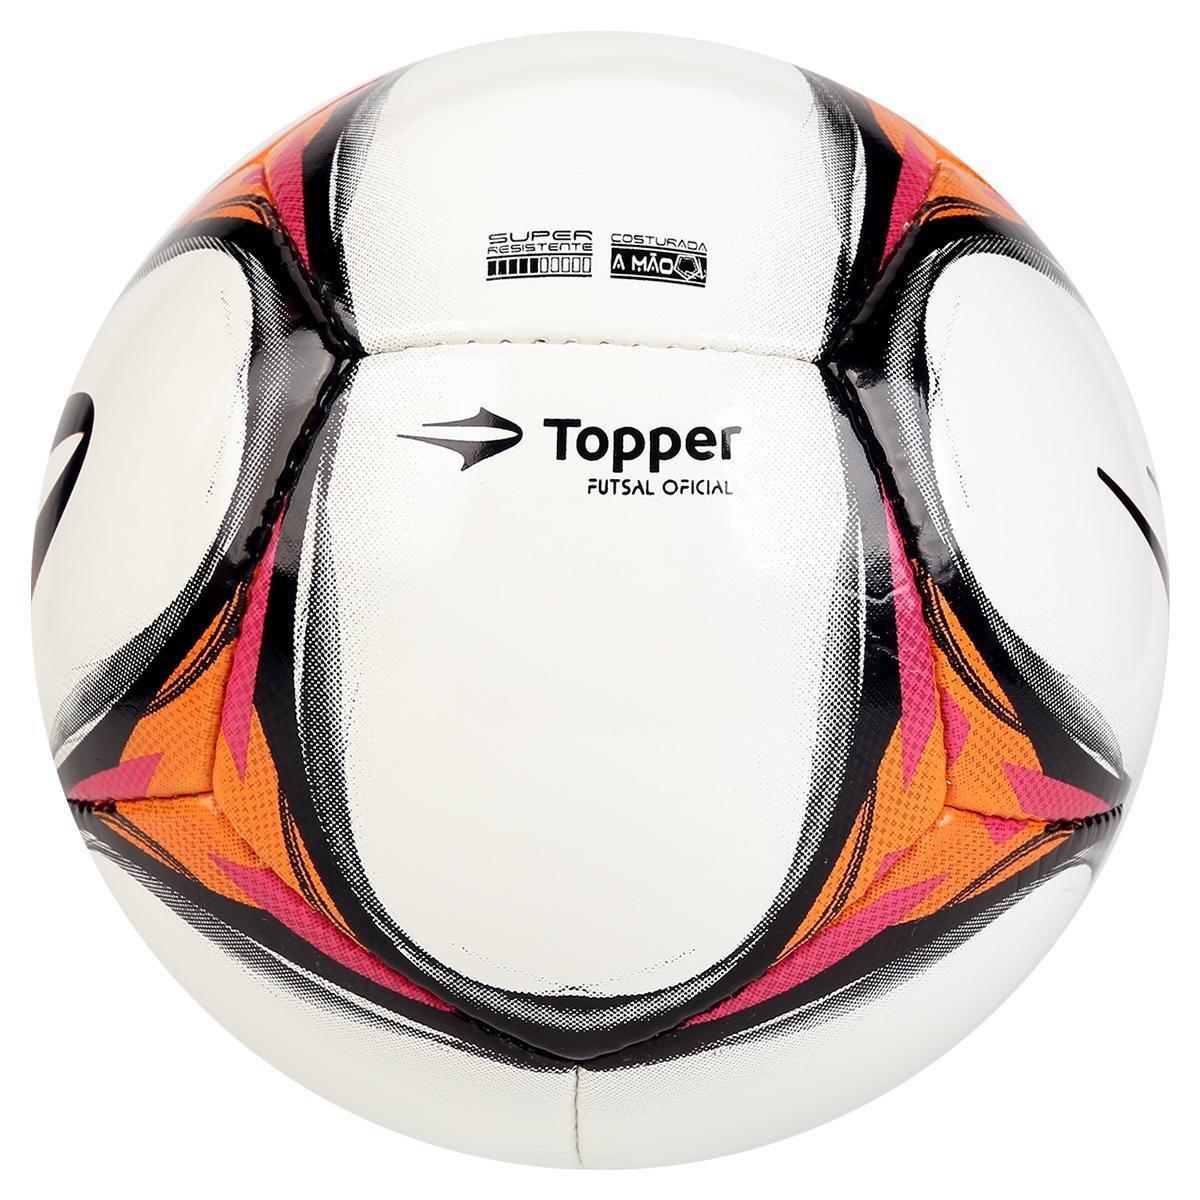 71244027c6 Bola Futsal Topper Ultra 8 - Compre Agora